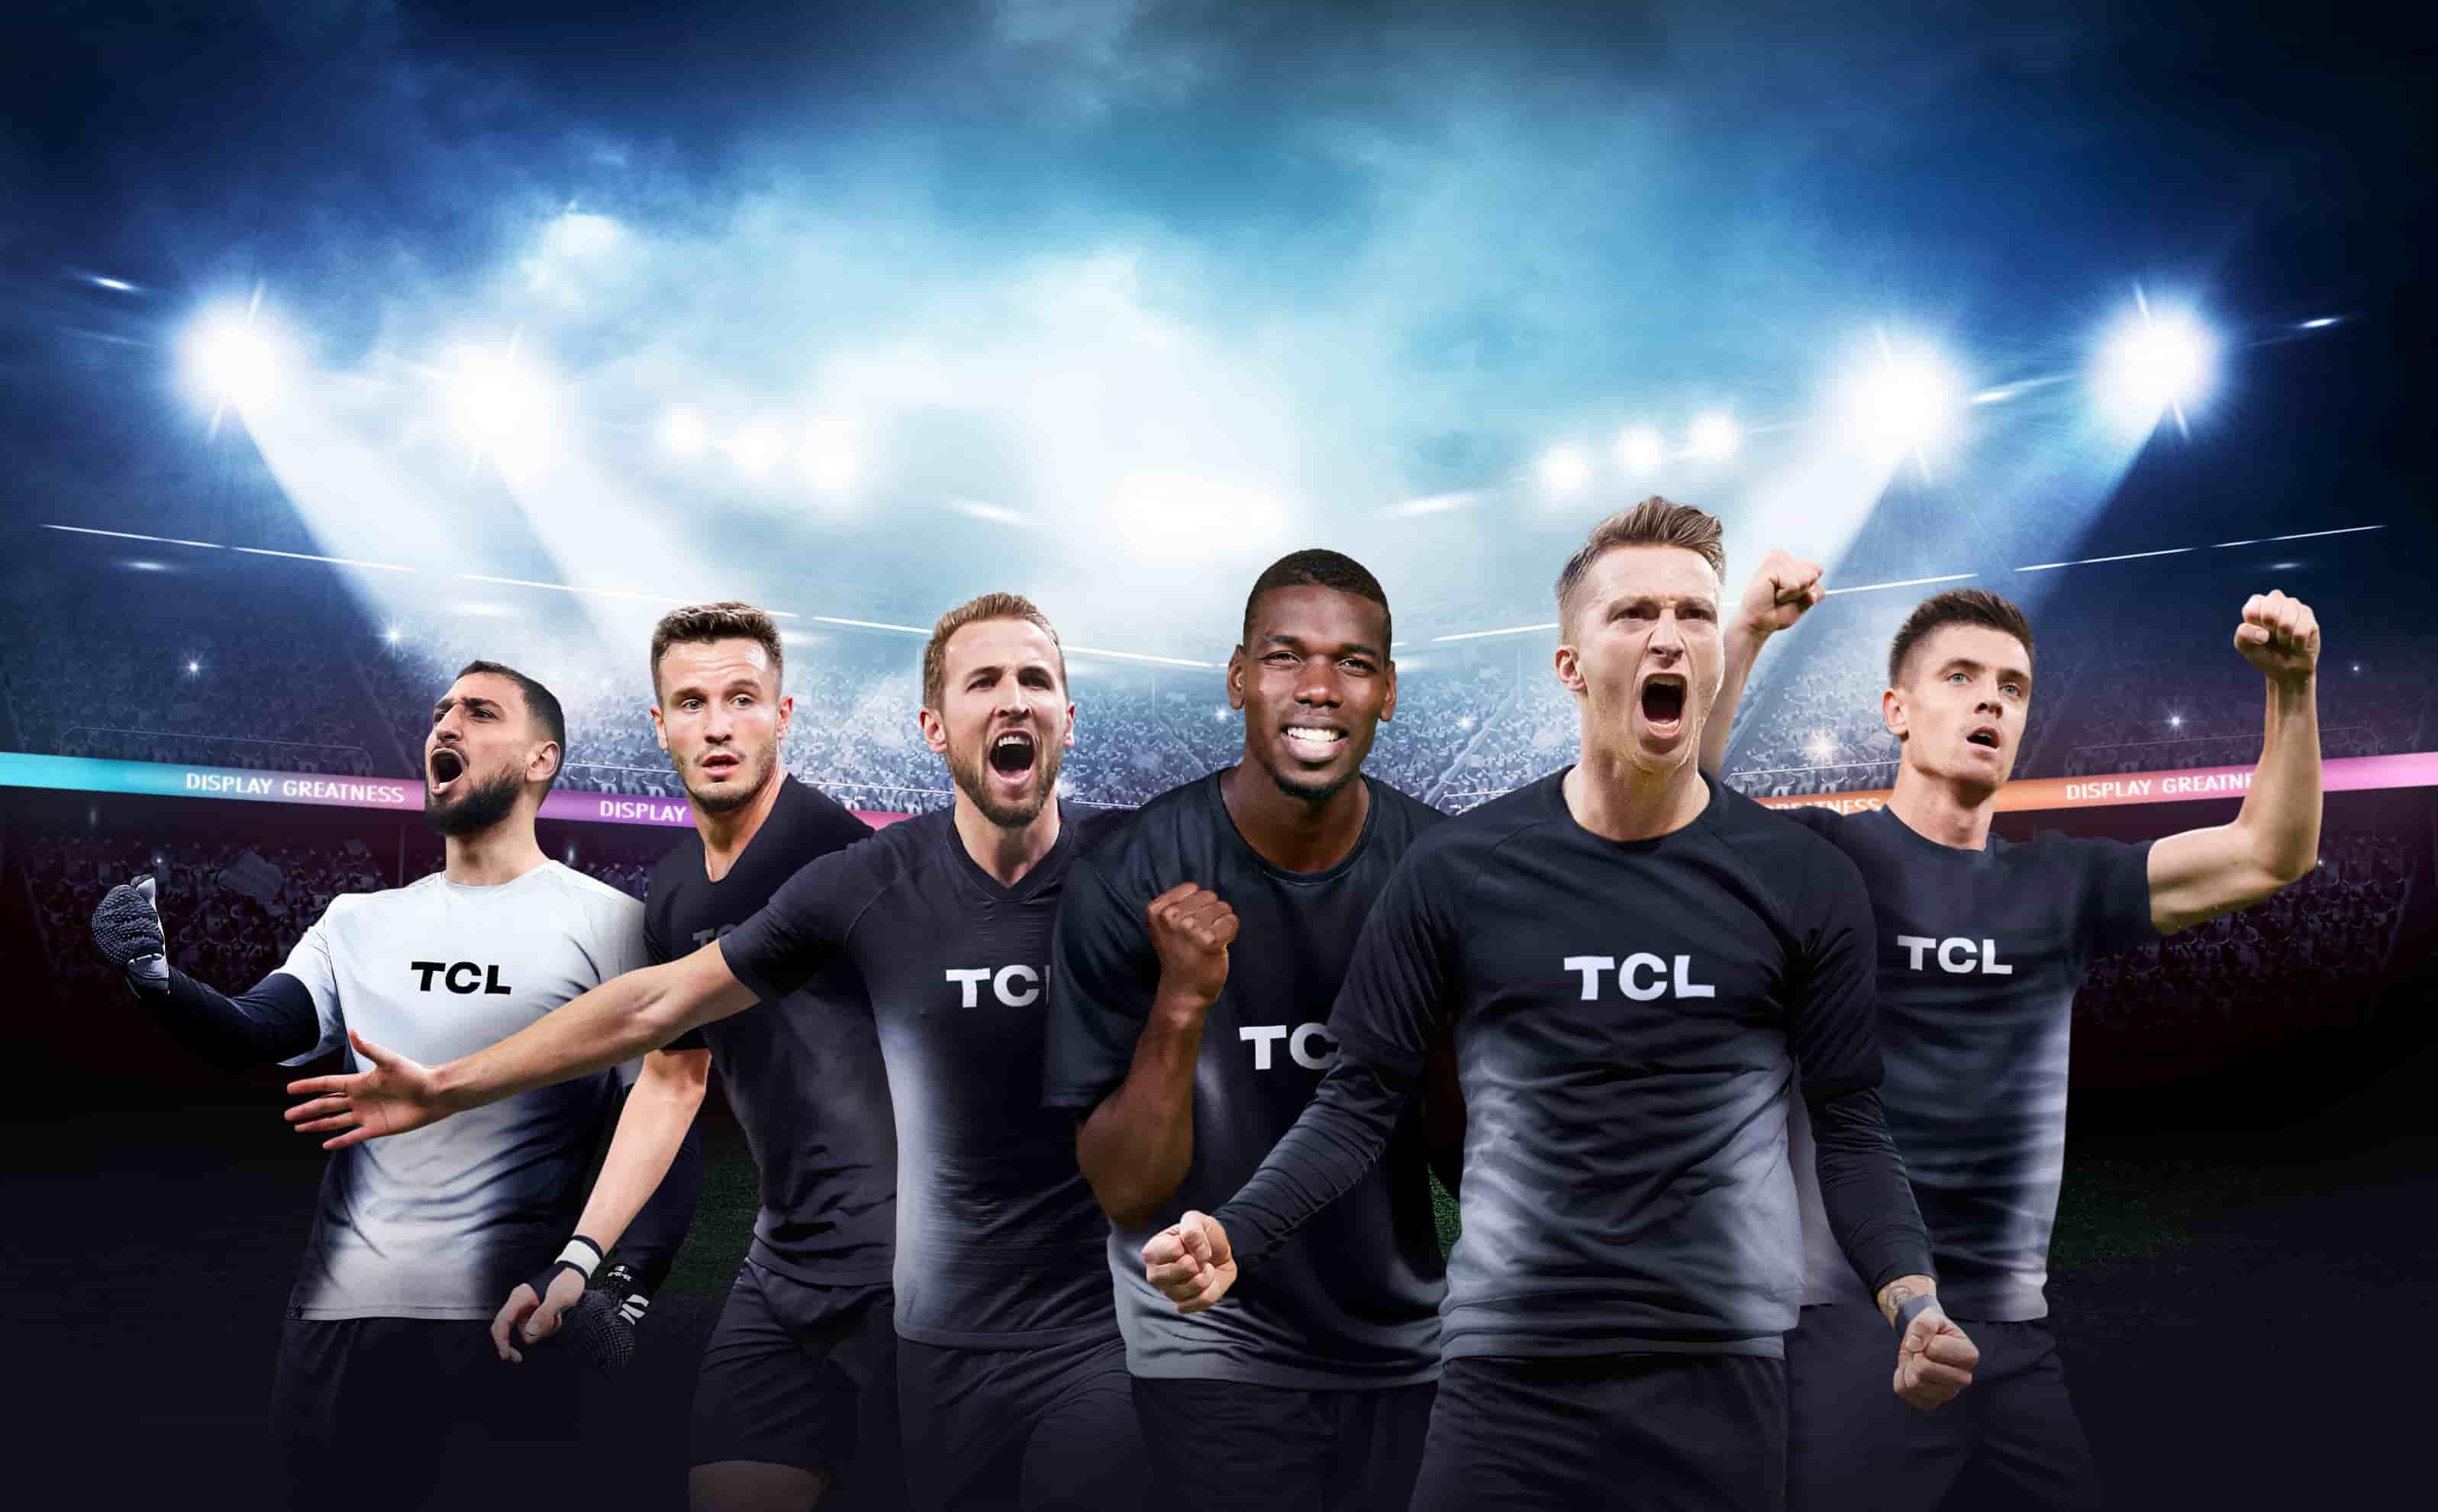 Fotbaliștii de top din lume sunt noii ambasadori TCL